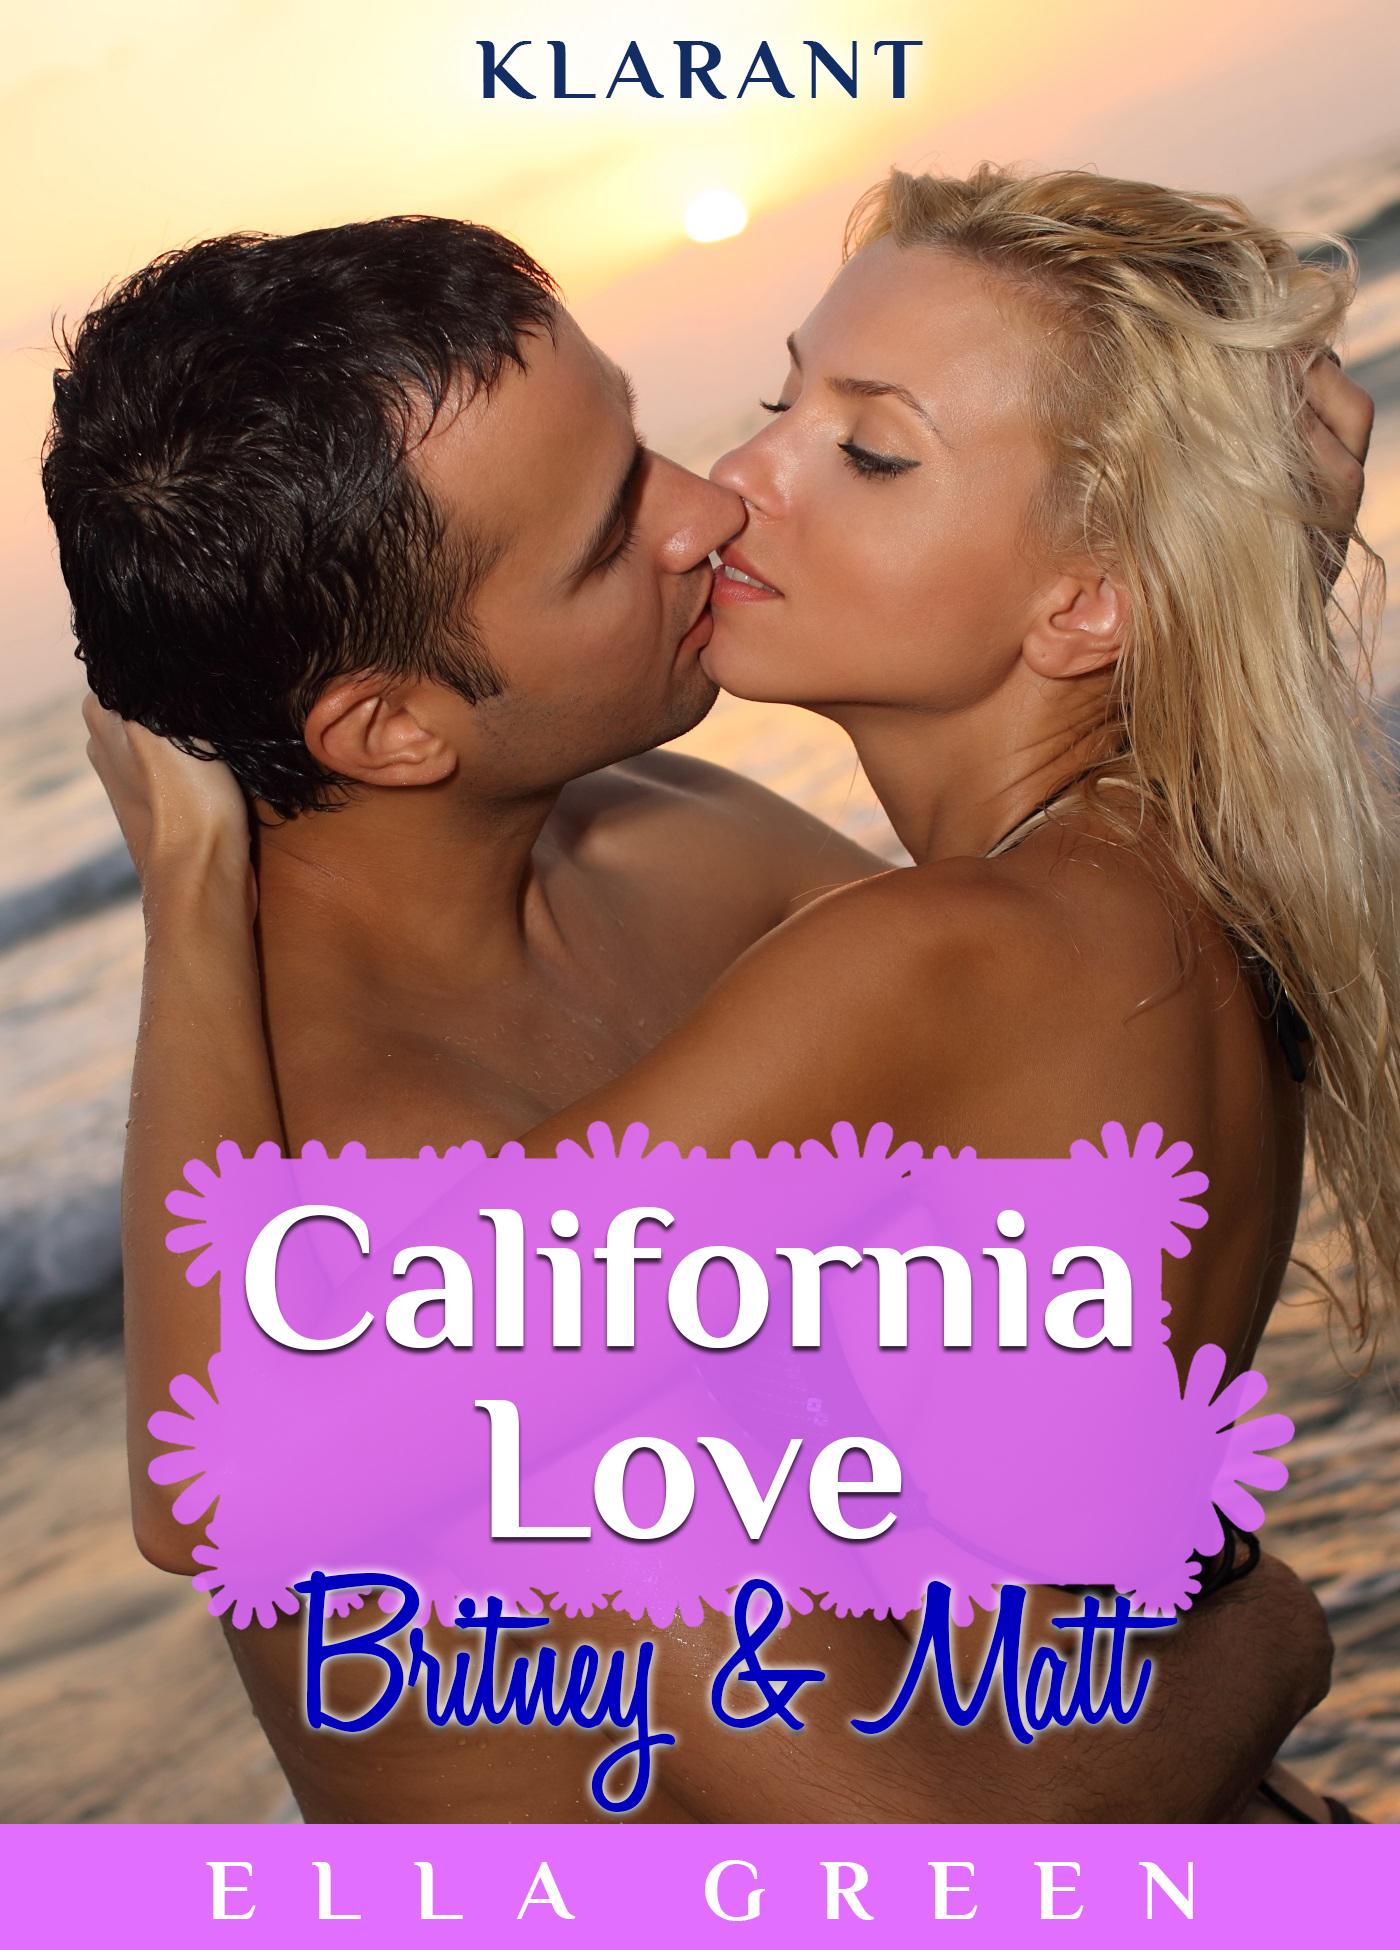 Die sexy blonde Cheerleaderin Britney fährt voll auf Matt ab. Kein Wunder, muskulös und braun gebrannt – dieser Sunnyboy ist ein echter Hingucker! Als Britney ihn mit Absicht ignoriert und eifersüchtig macht, ist Matts Erobererinstinkt geweckt. Schon bald sind die beiden das neue Traumpaar von Portside Beach und verbringen heiße Stunden am Strand von Kalifornien, und nicht nur dort…       Doch beide verschweigen sich gegenseitig ein großes Geheimnis, und als es herauskommt, scheint es für die Beziehung keine Zukunft mehr zu geben...